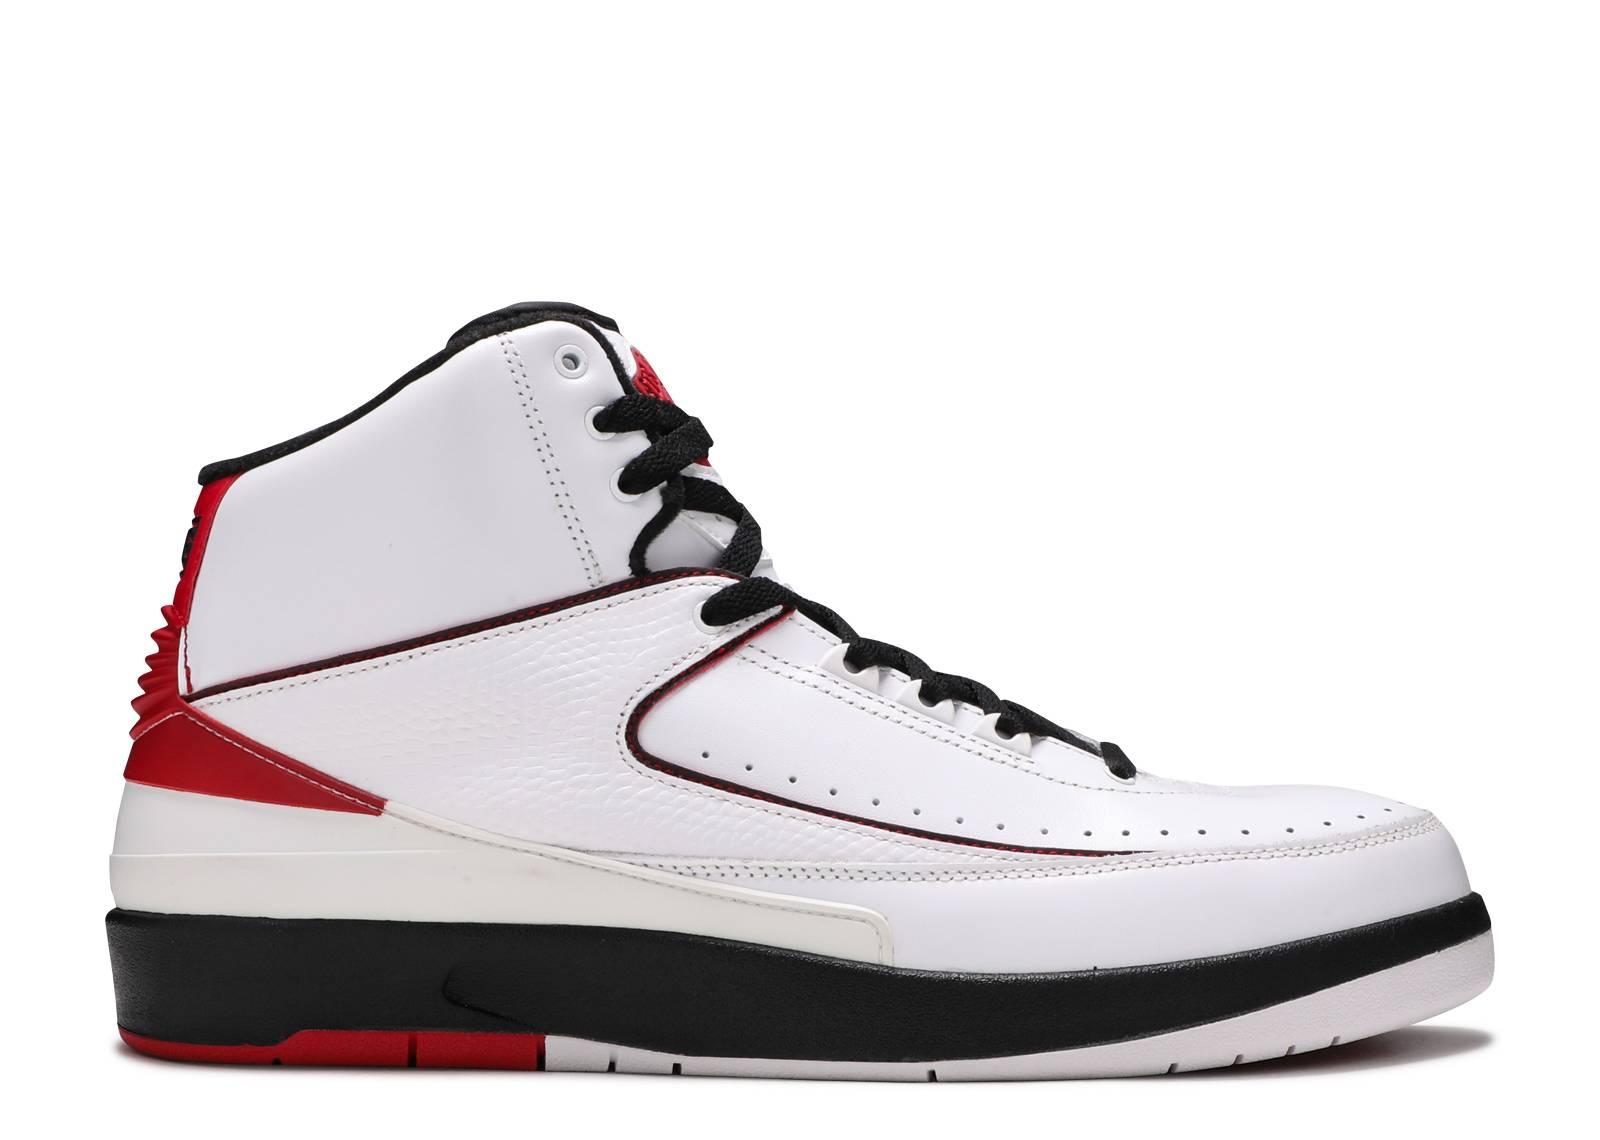 Air Jordan 2 Sneakers | Flight Club